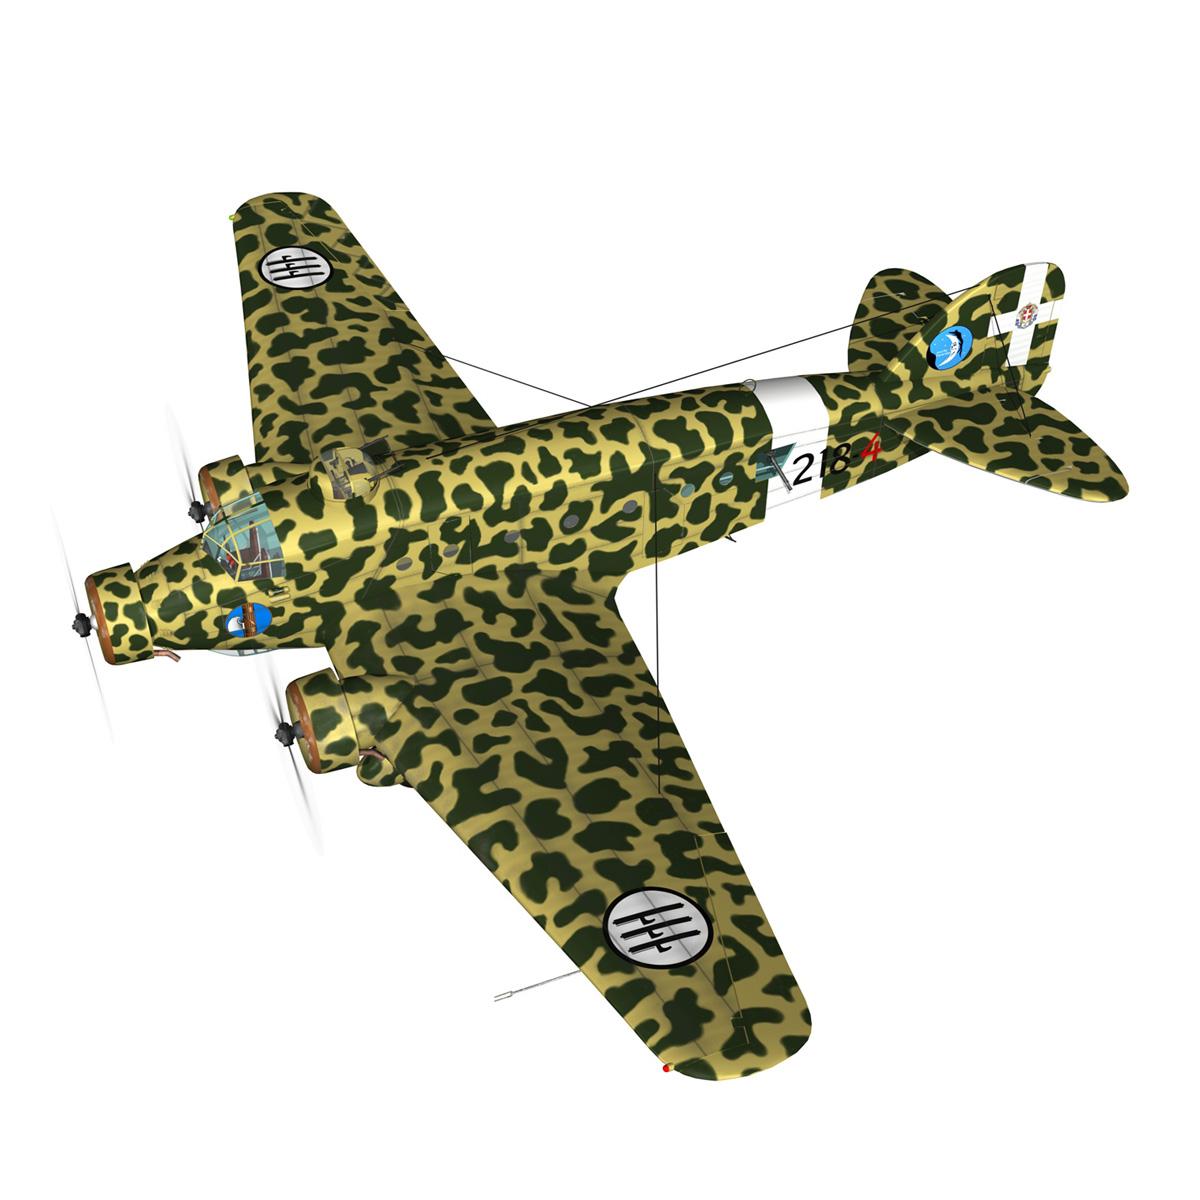 savoia-marchetti sm81 pipistrello model 3d 3ds fbx c4d lwo obj 274186